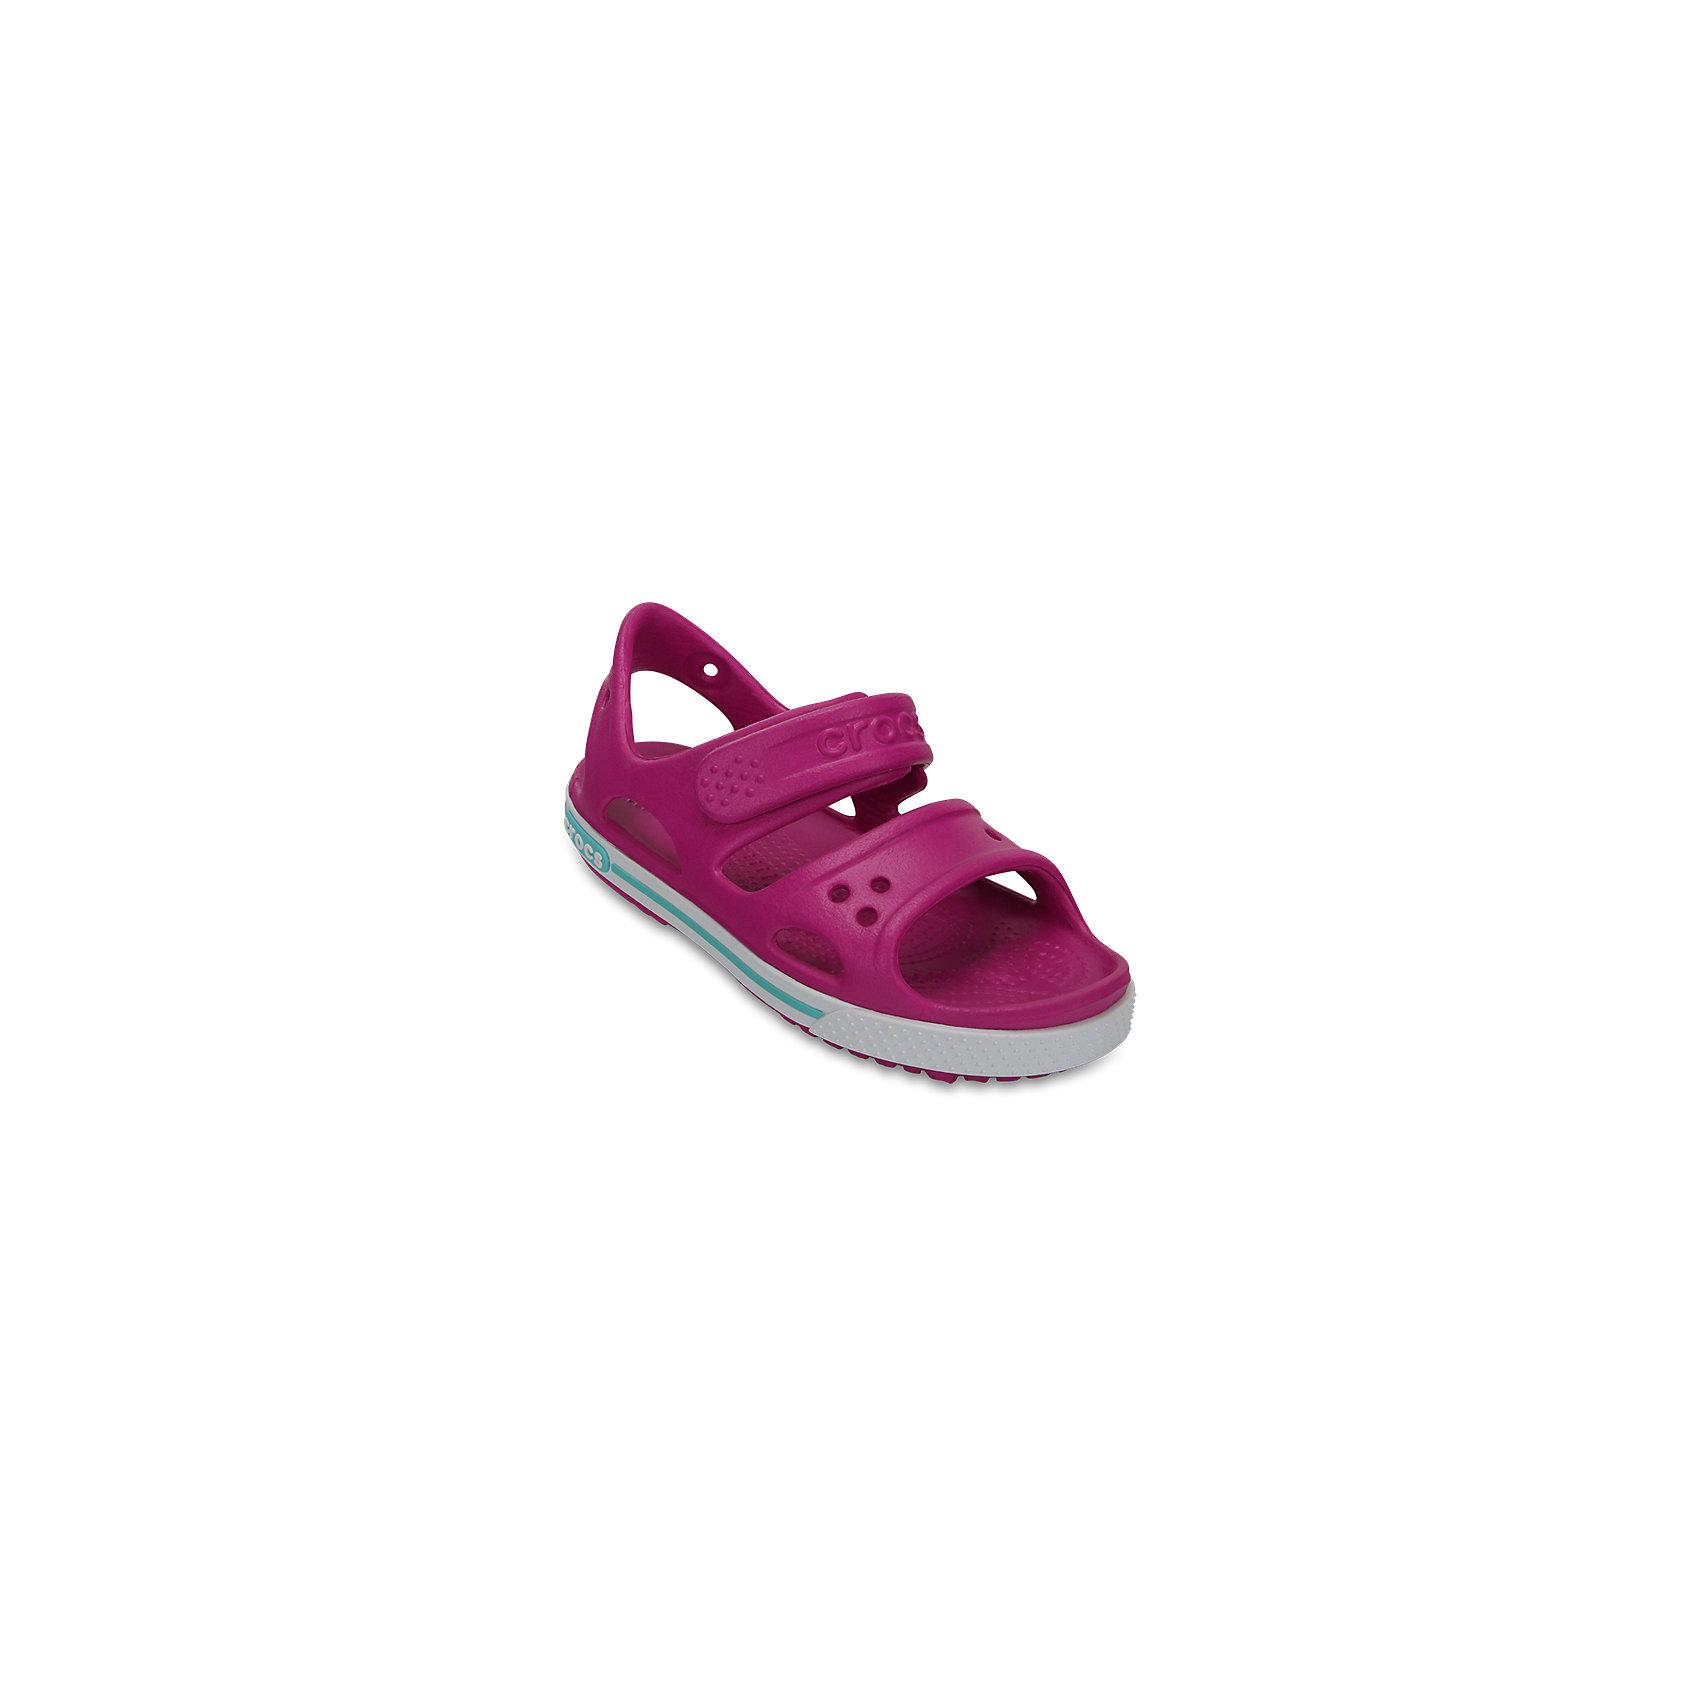 Сандалии для мальчика Kids' Crocband™ II Sandal CROCSПляжная обувь<br>Характеристики товара:<br><br>• цвет: фуксия<br>• сезон: лето<br>• материал: 100% полимер Croslite™<br>• бактериостатичный материал<br>• ремешок фиксирует стопу<br>• антискользящая устойчивая подошва<br>• липучка<br>• анатомическая стелька с массажными точками<br>• страна бренда: США<br>• страна изготовитель: Китай<br><br>Для правильного развития ребенка крайне важно, чтобы обувь была удобной.<br><br>Такие сандалии обеспечивают детям необходимый комфорт, а анатомическая стелька с массажными линиями для стимуляции кровообращения позволяет ножкам дольше не уставать. <br><br>Сандалии легко надеваются и снимаются, отлично сидят на ноге. <br><br>Материал, из которого они сделаны, не дает размножаться бактериям, поэтому такая обувь препятствует образованию неприятного запаха и появлению болезней стоп. <br><br>Обувь от американского бренда Crocs в данный момент завоевала широкую популярность во всем мире, и это не удивительно - ведь она невероятно удобна. <br><br>Сандалии Kids' Crocband™ II Sandal от торговой марки Crocs можно купить в нашем интернет-магазине.<br><br>Ширина мм: 219<br>Глубина мм: 154<br>Высота мм: 121<br>Вес г: 343<br>Цвет: лиловый<br>Возраст от месяцев: 36<br>Возраст до месяцев: 48<br>Пол: Женский<br>Возраст: Детский<br>Размер: 27,34/35,28,29,30,21,22,23,24,25,26,31/32,33/34<br>SKU: 5416647